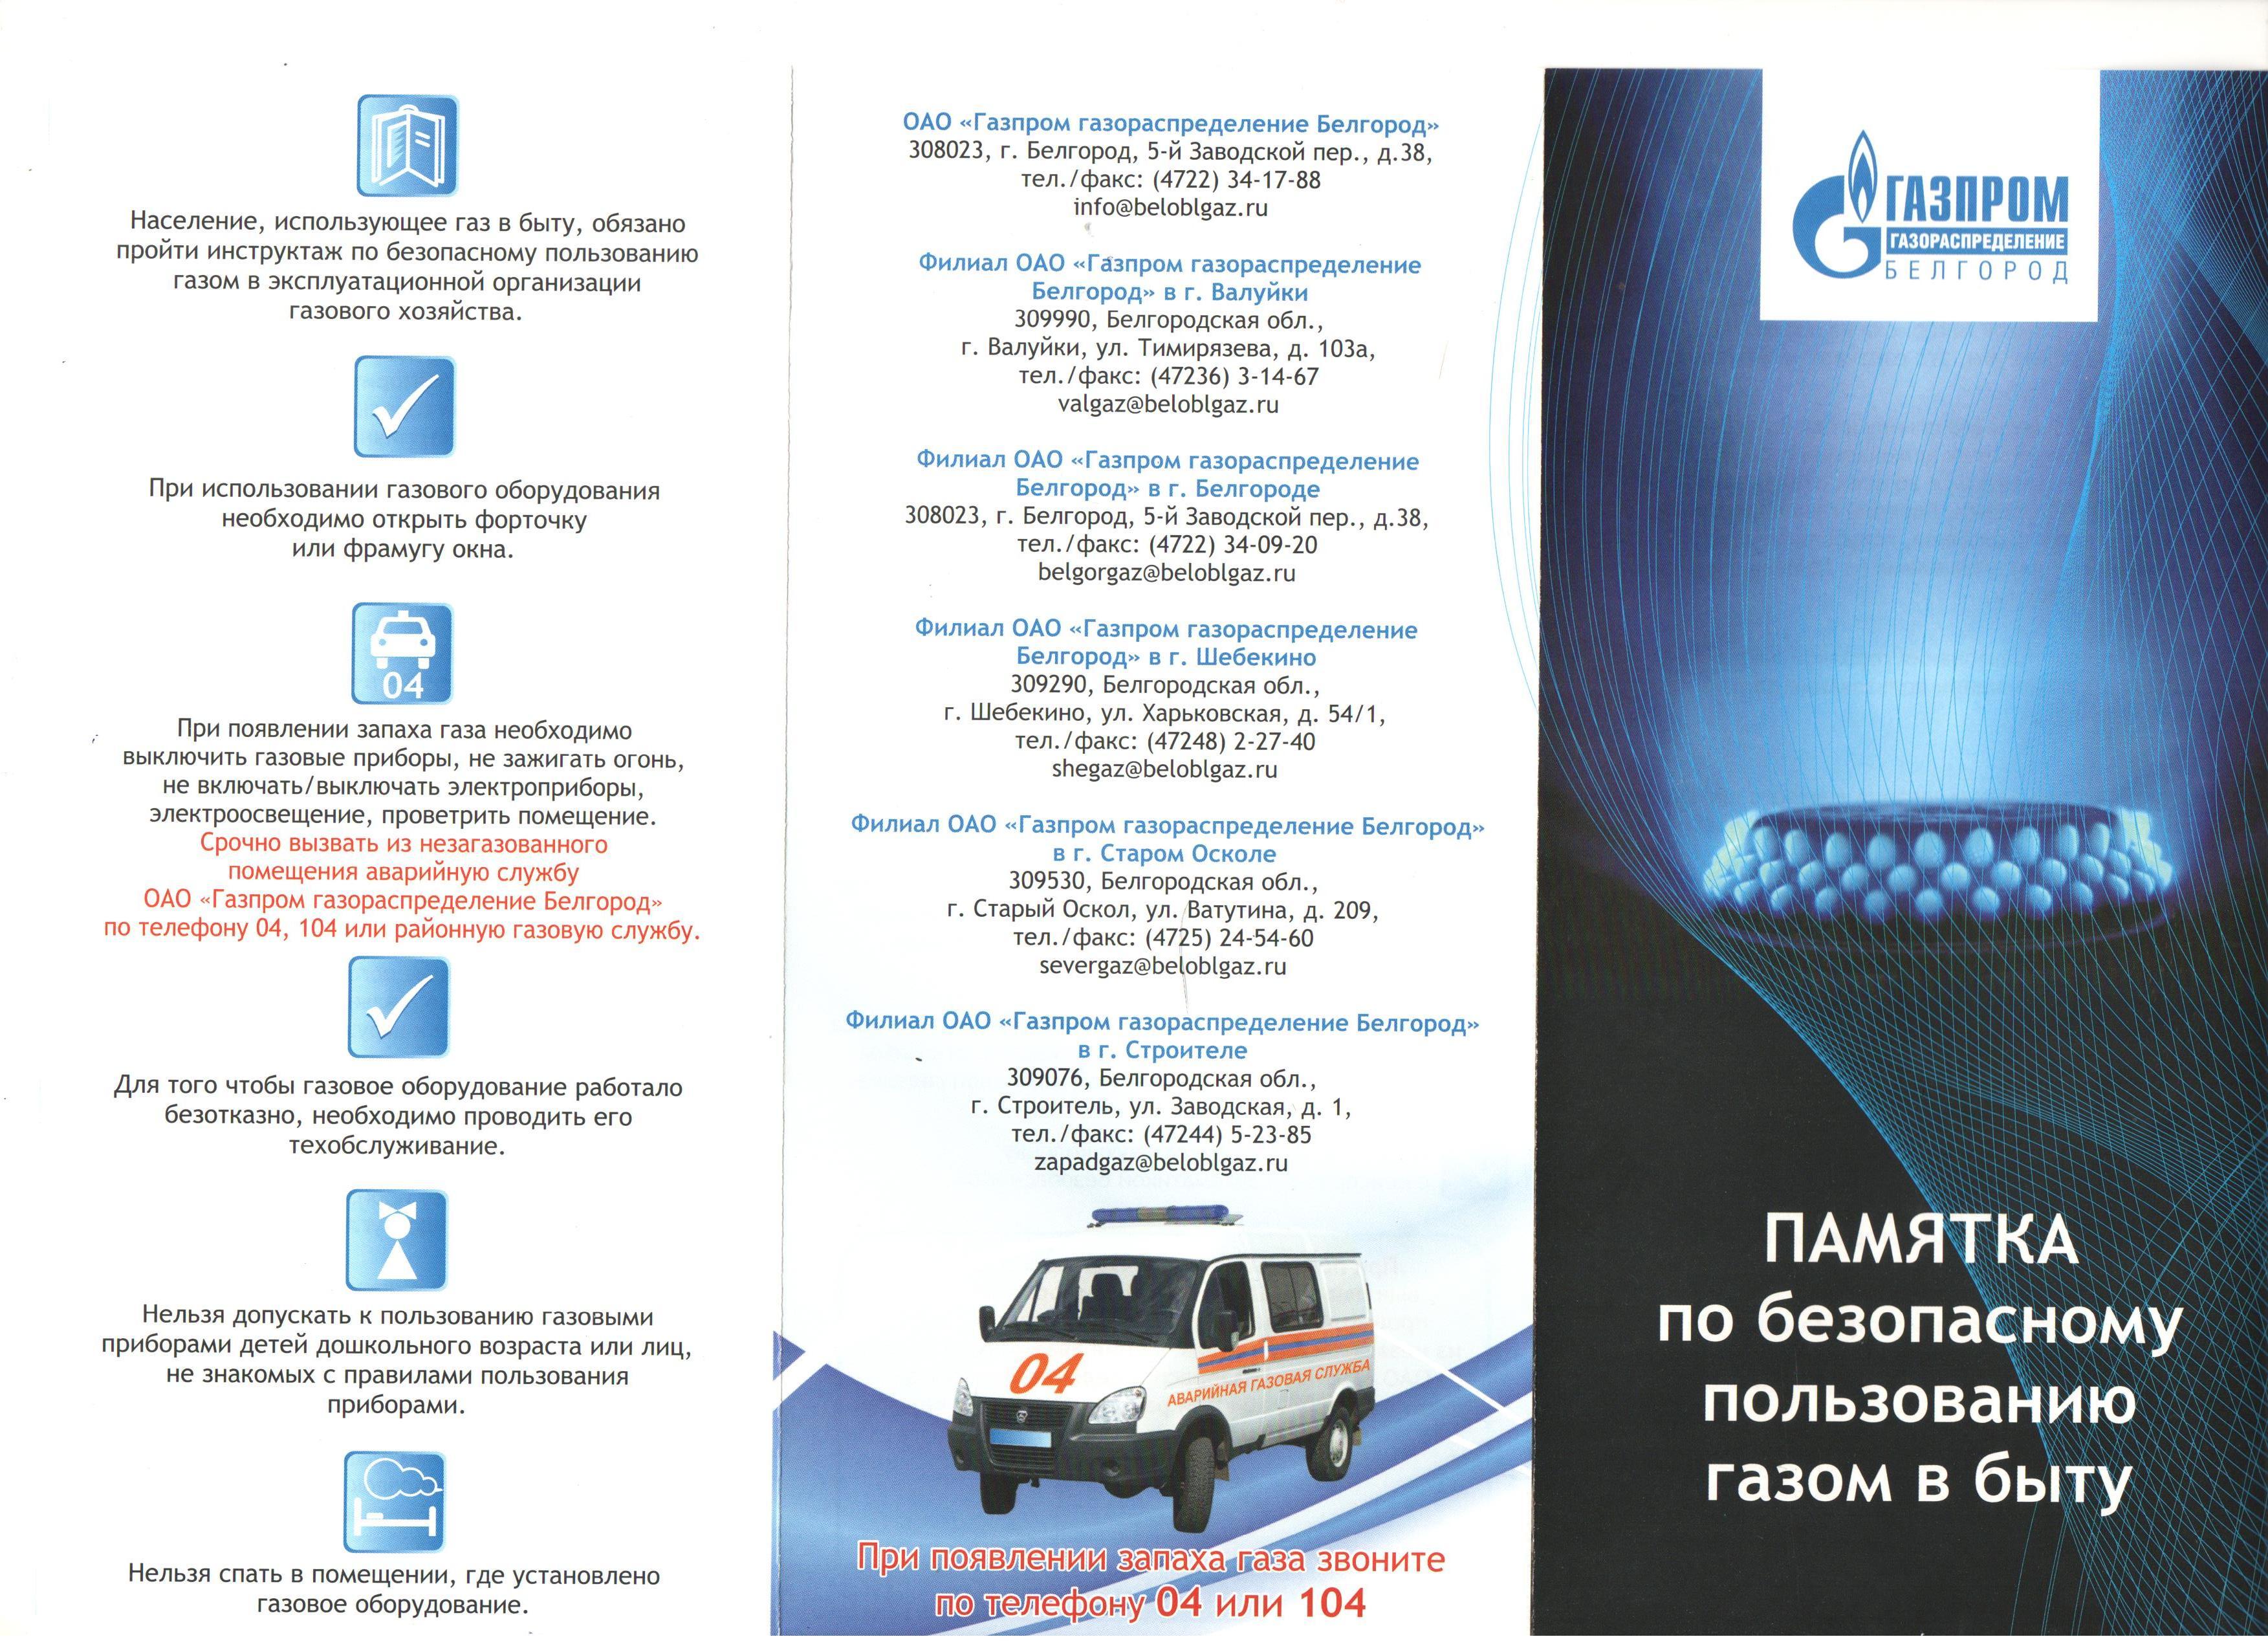 Инструкция по газобезопасности